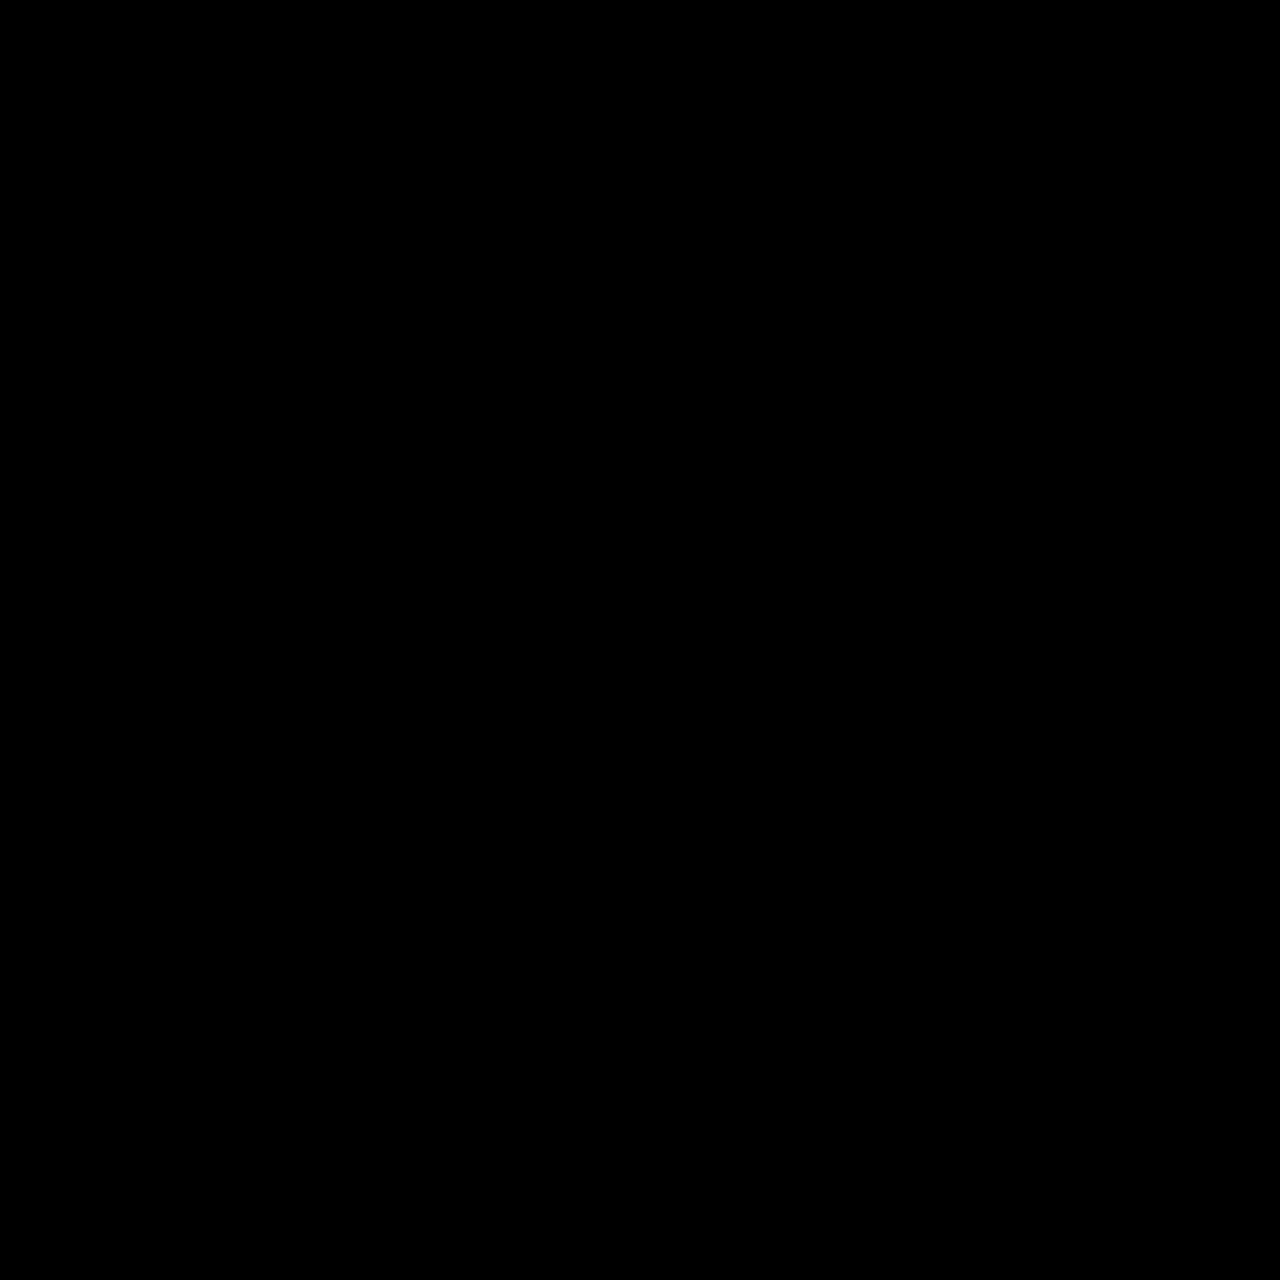 Kuromajo no Koukotsu 40